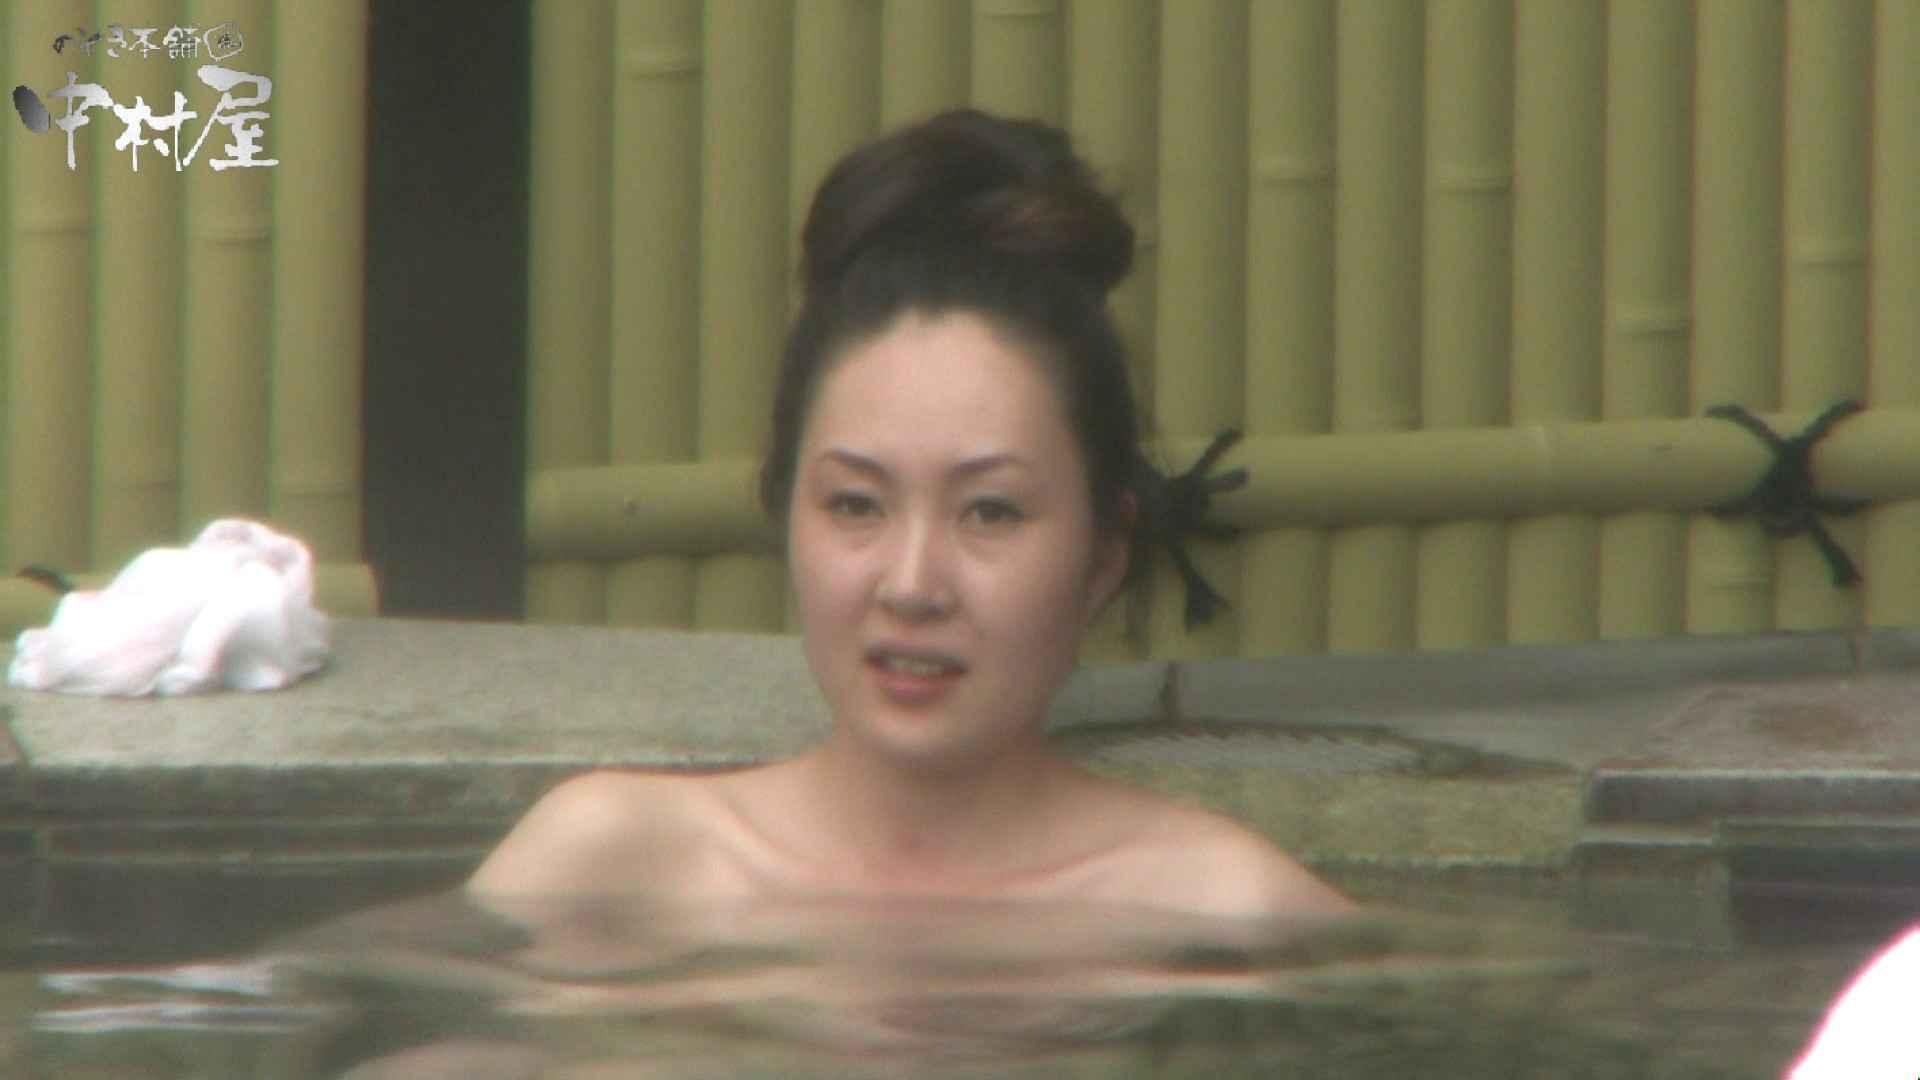 Aquaな露天風呂Vol.956 露天風呂  10枚 6